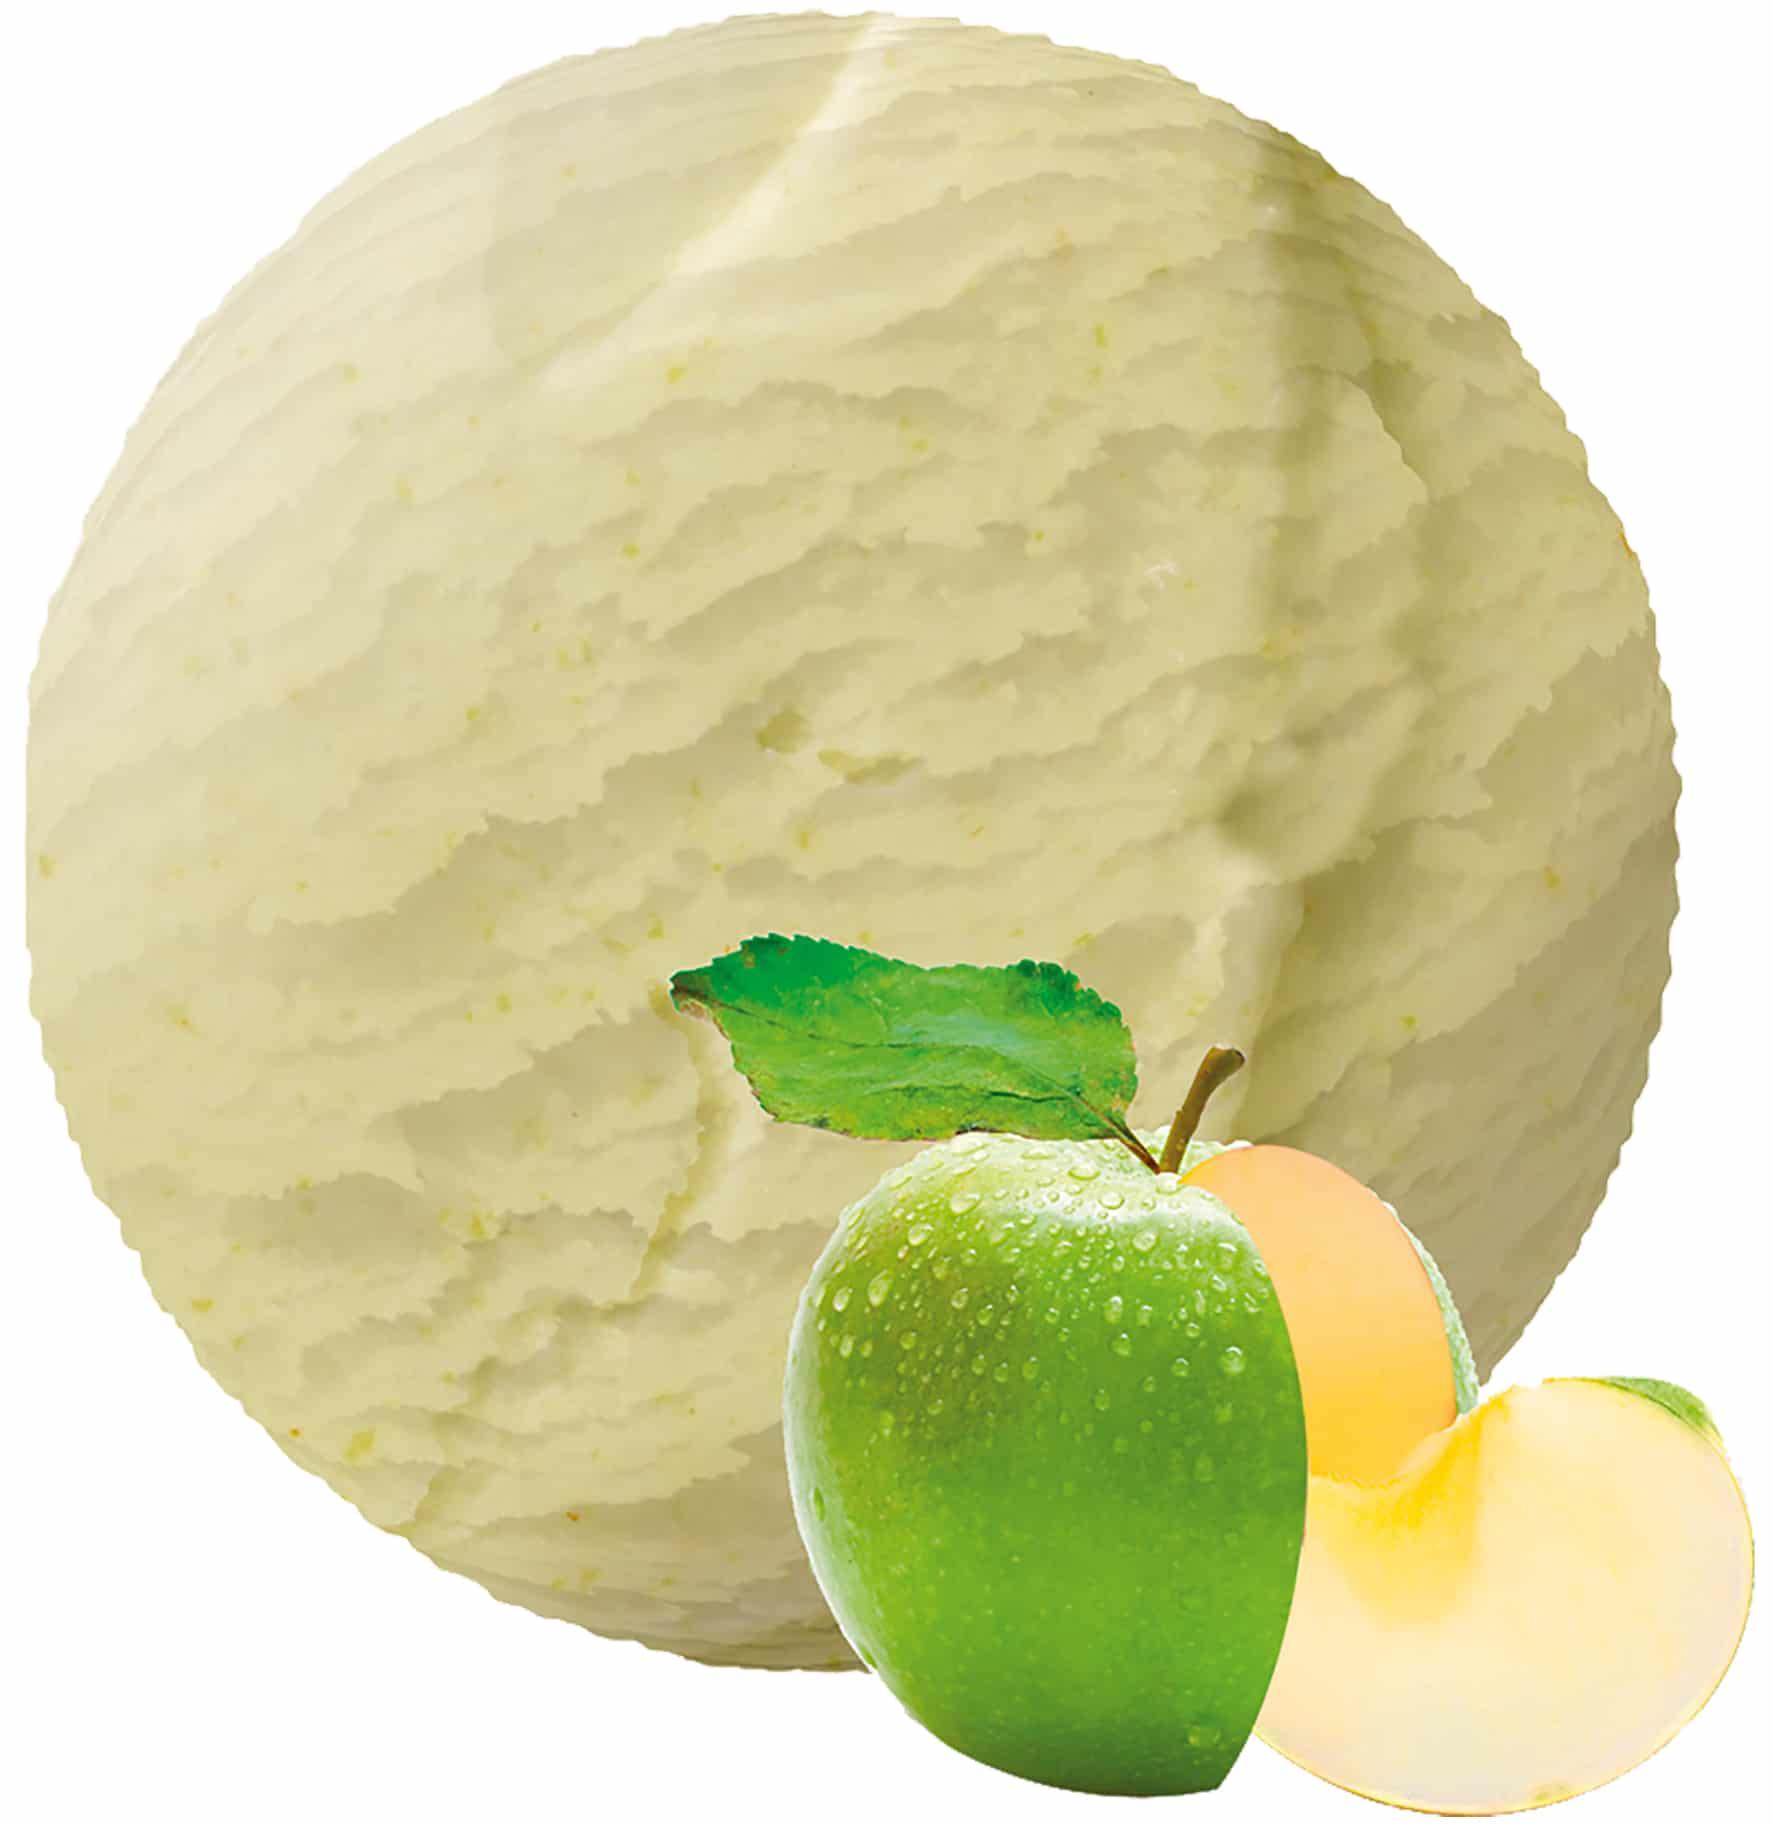 40250051-1_sorbetijs_groene-appel